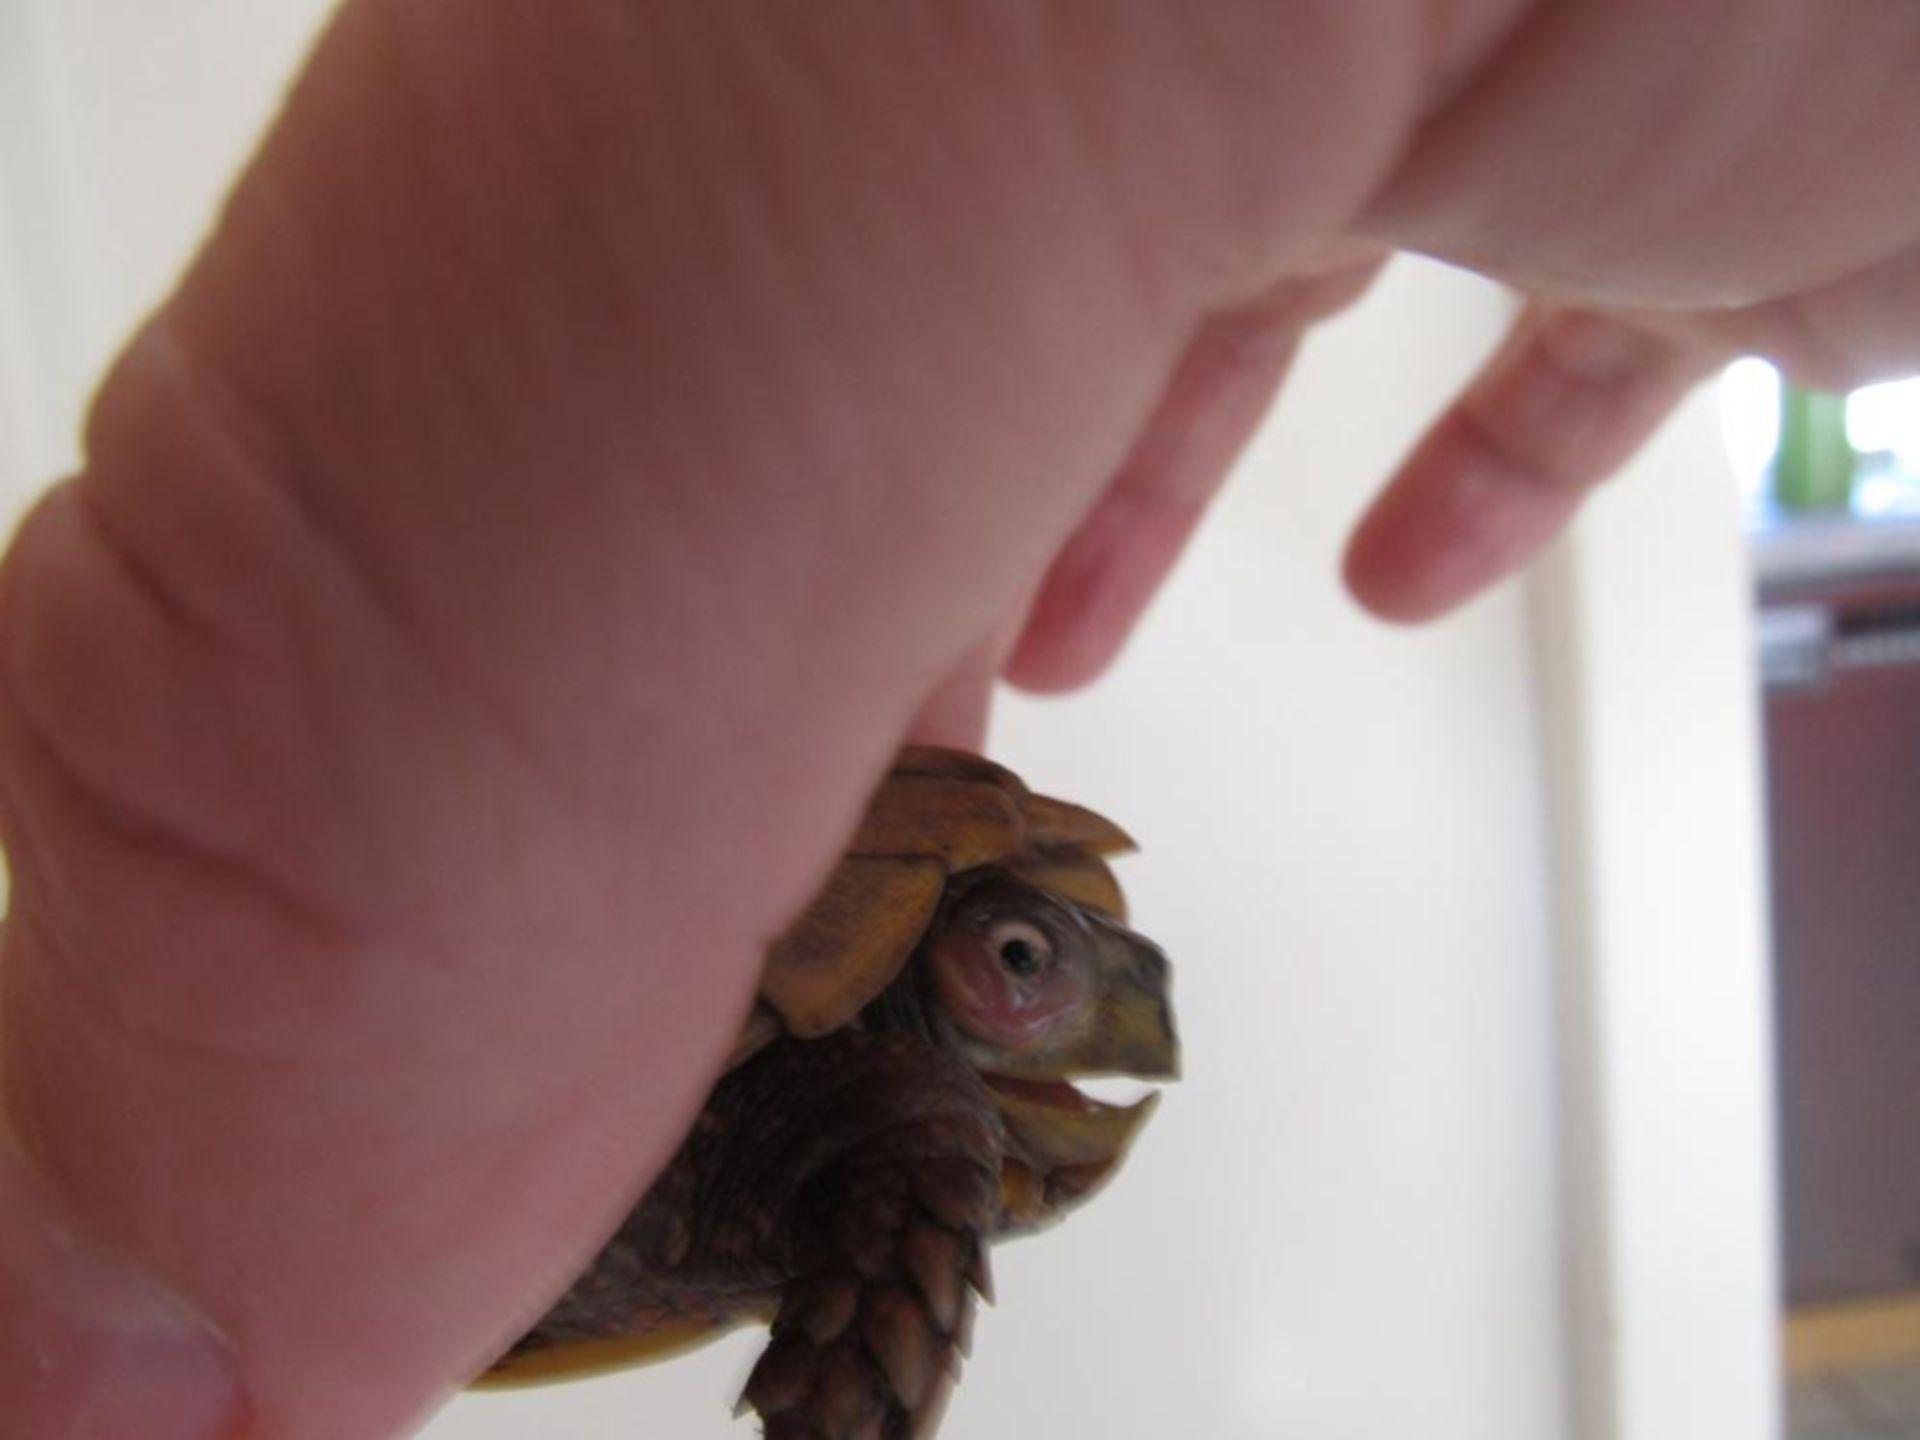 Kojunktivalsackentzündung Schildkröte (2)